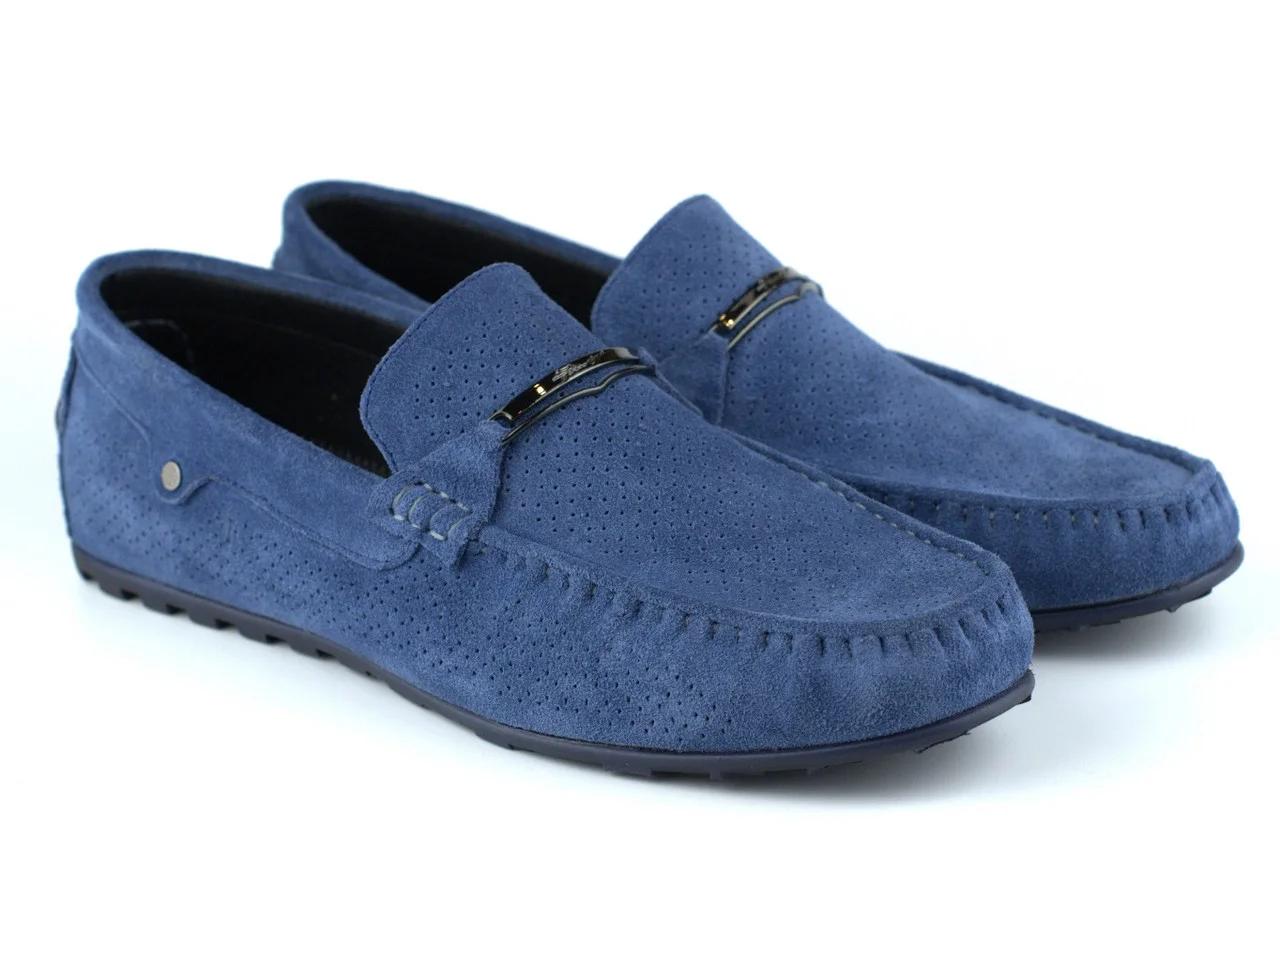 Летние светло-синие мокасины перфорация мужская обувь больших размеров Rosso Avangard ETHEREAL Sky Blu Vel BS Подробнее: